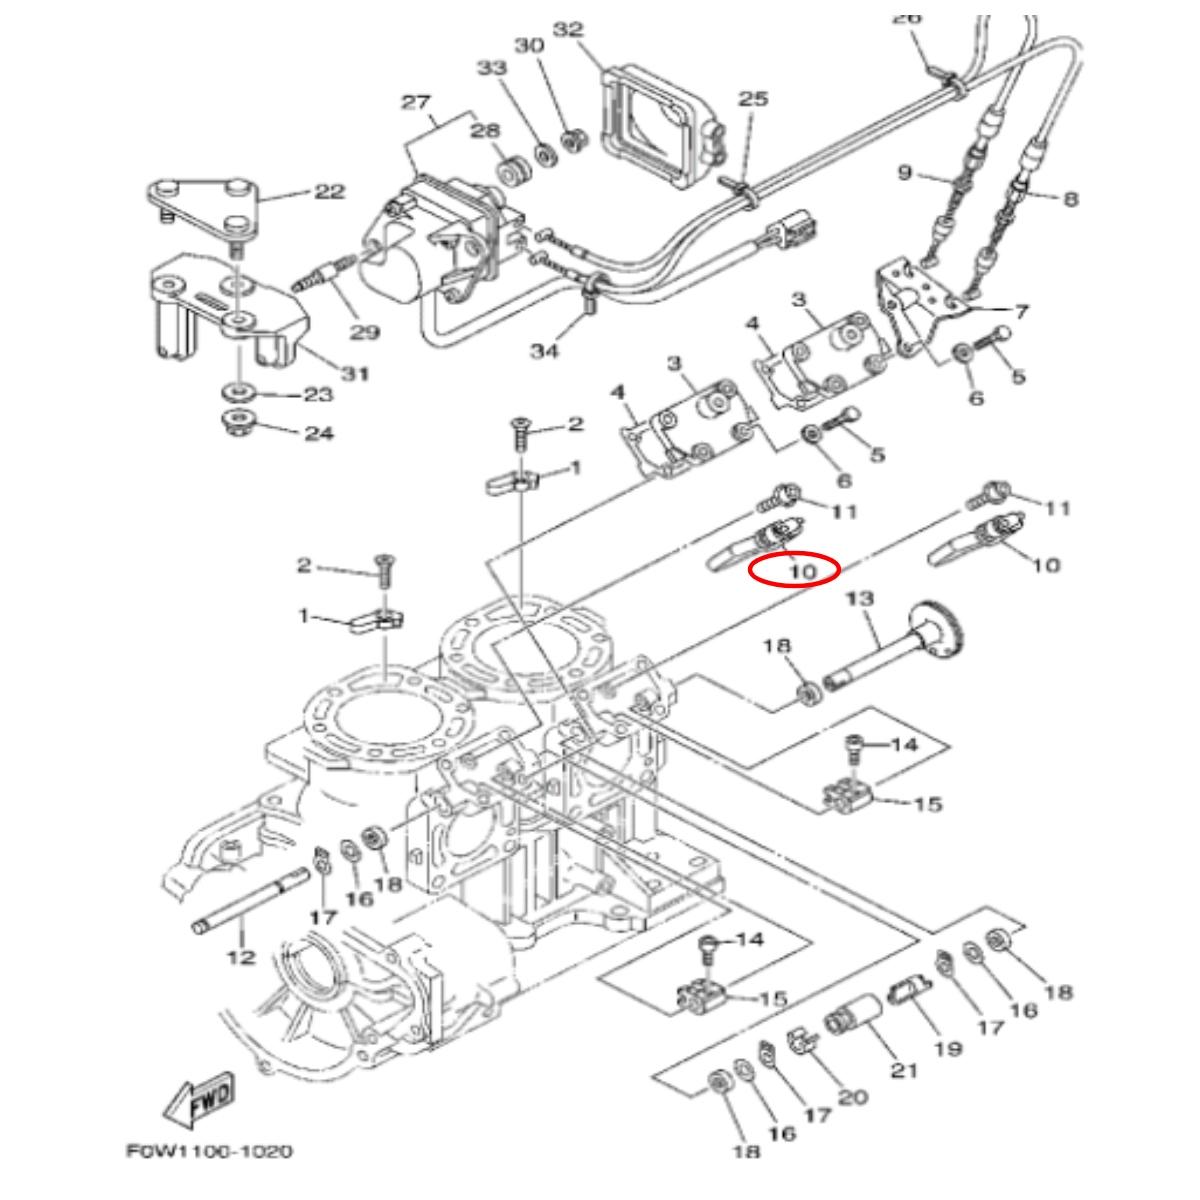 Valvula YPVS Yamaha Importado  - Radical Peças - Peças para Jet Ski